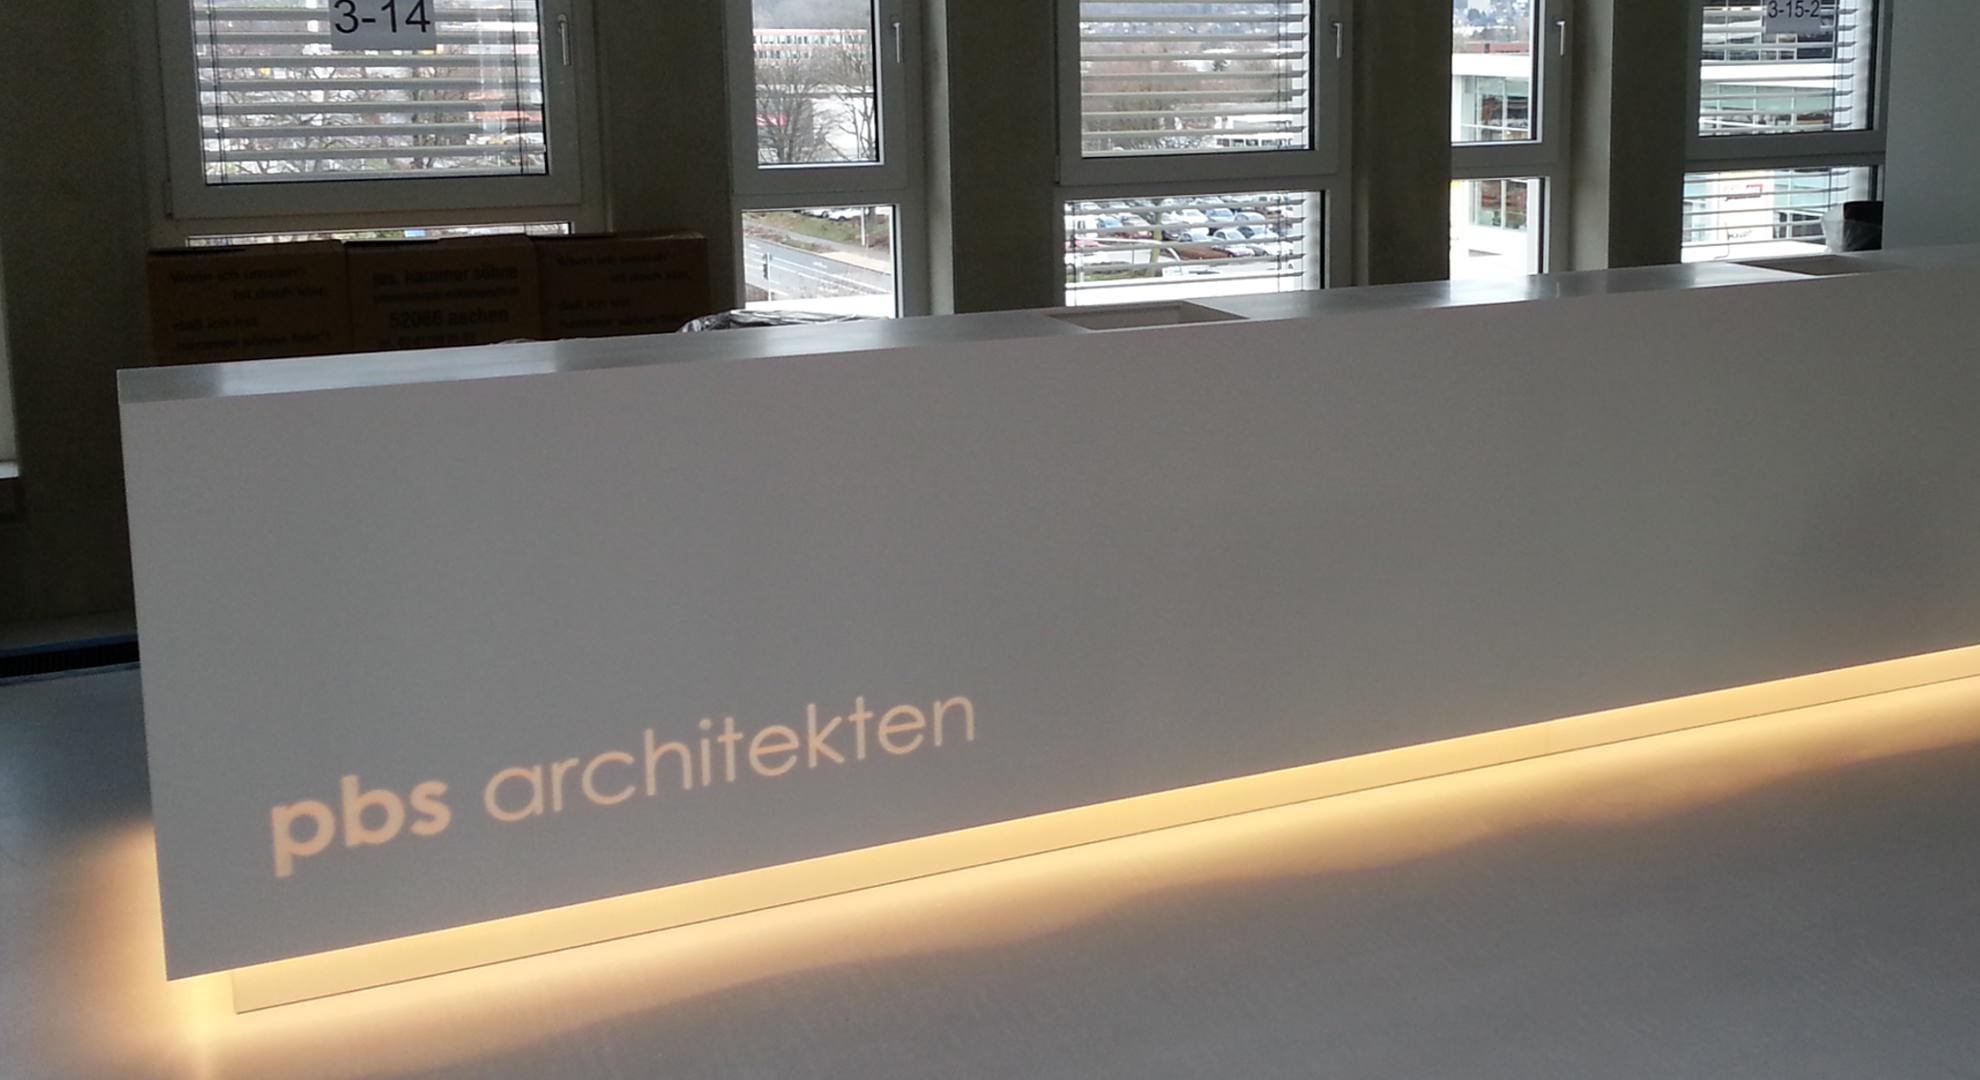 Corian Anmeldung in einem Architekturbüro in Aachen